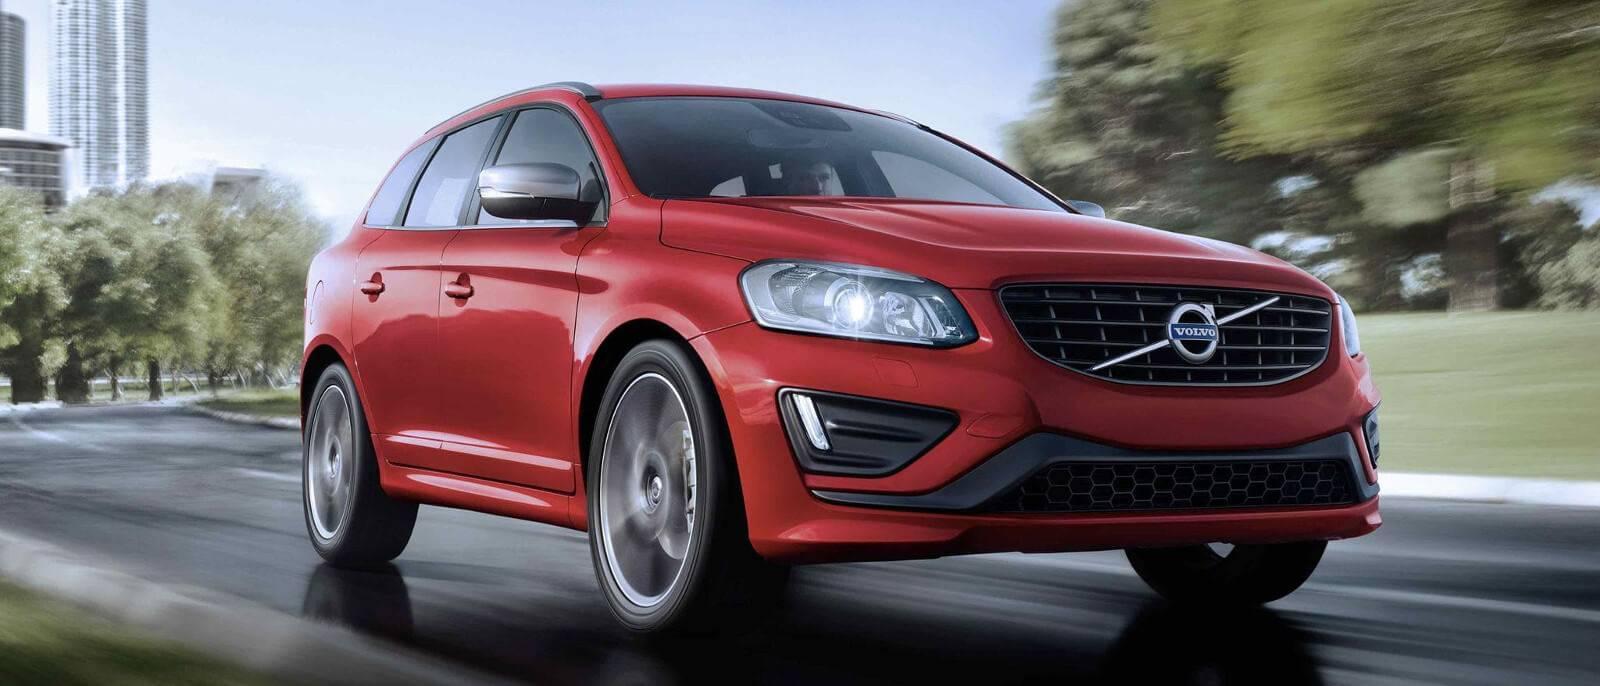 Volvo, Müşterilerini Mükemmel Otomobille Buluşturmak İçin Pinterestle Çalıştı